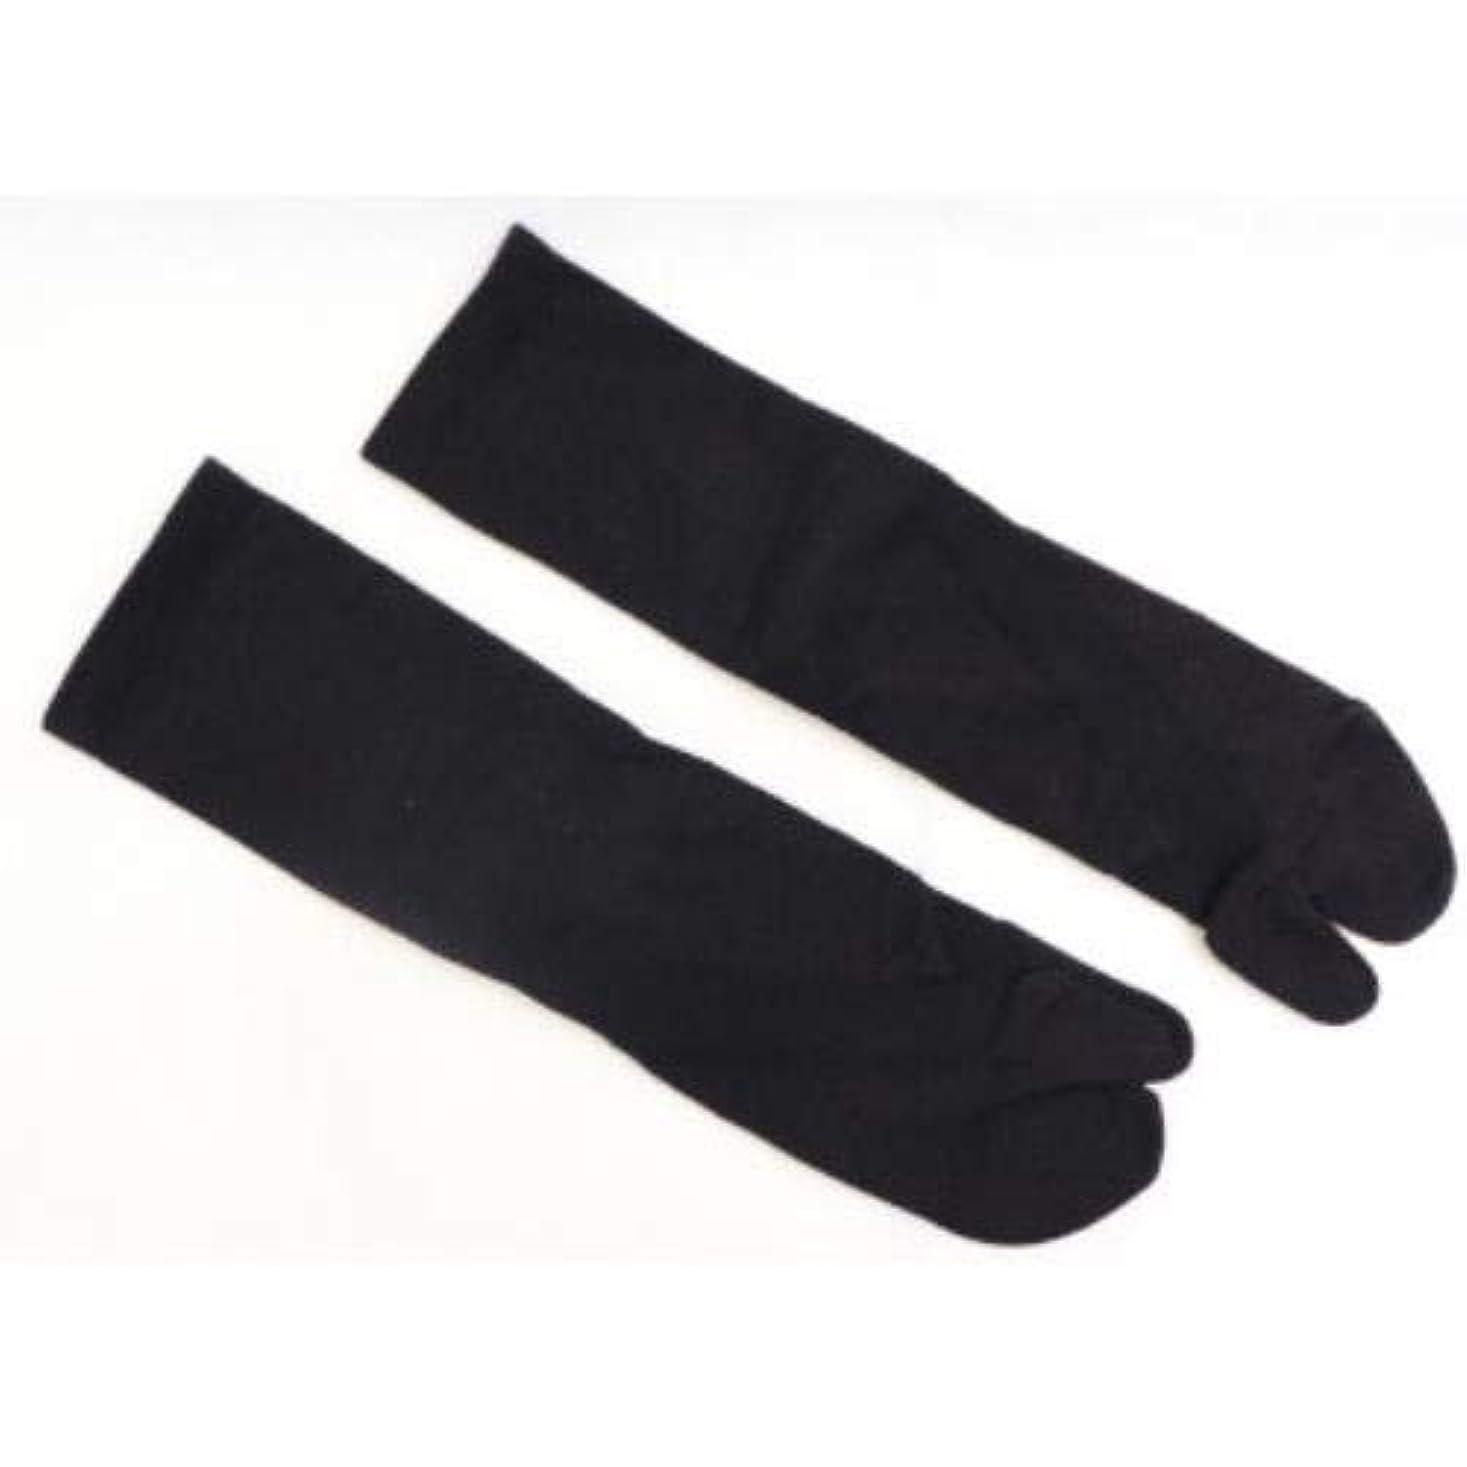 言語イライラする意味さとう式 フレクサーソックス クルー 黒 (M) 足袋型